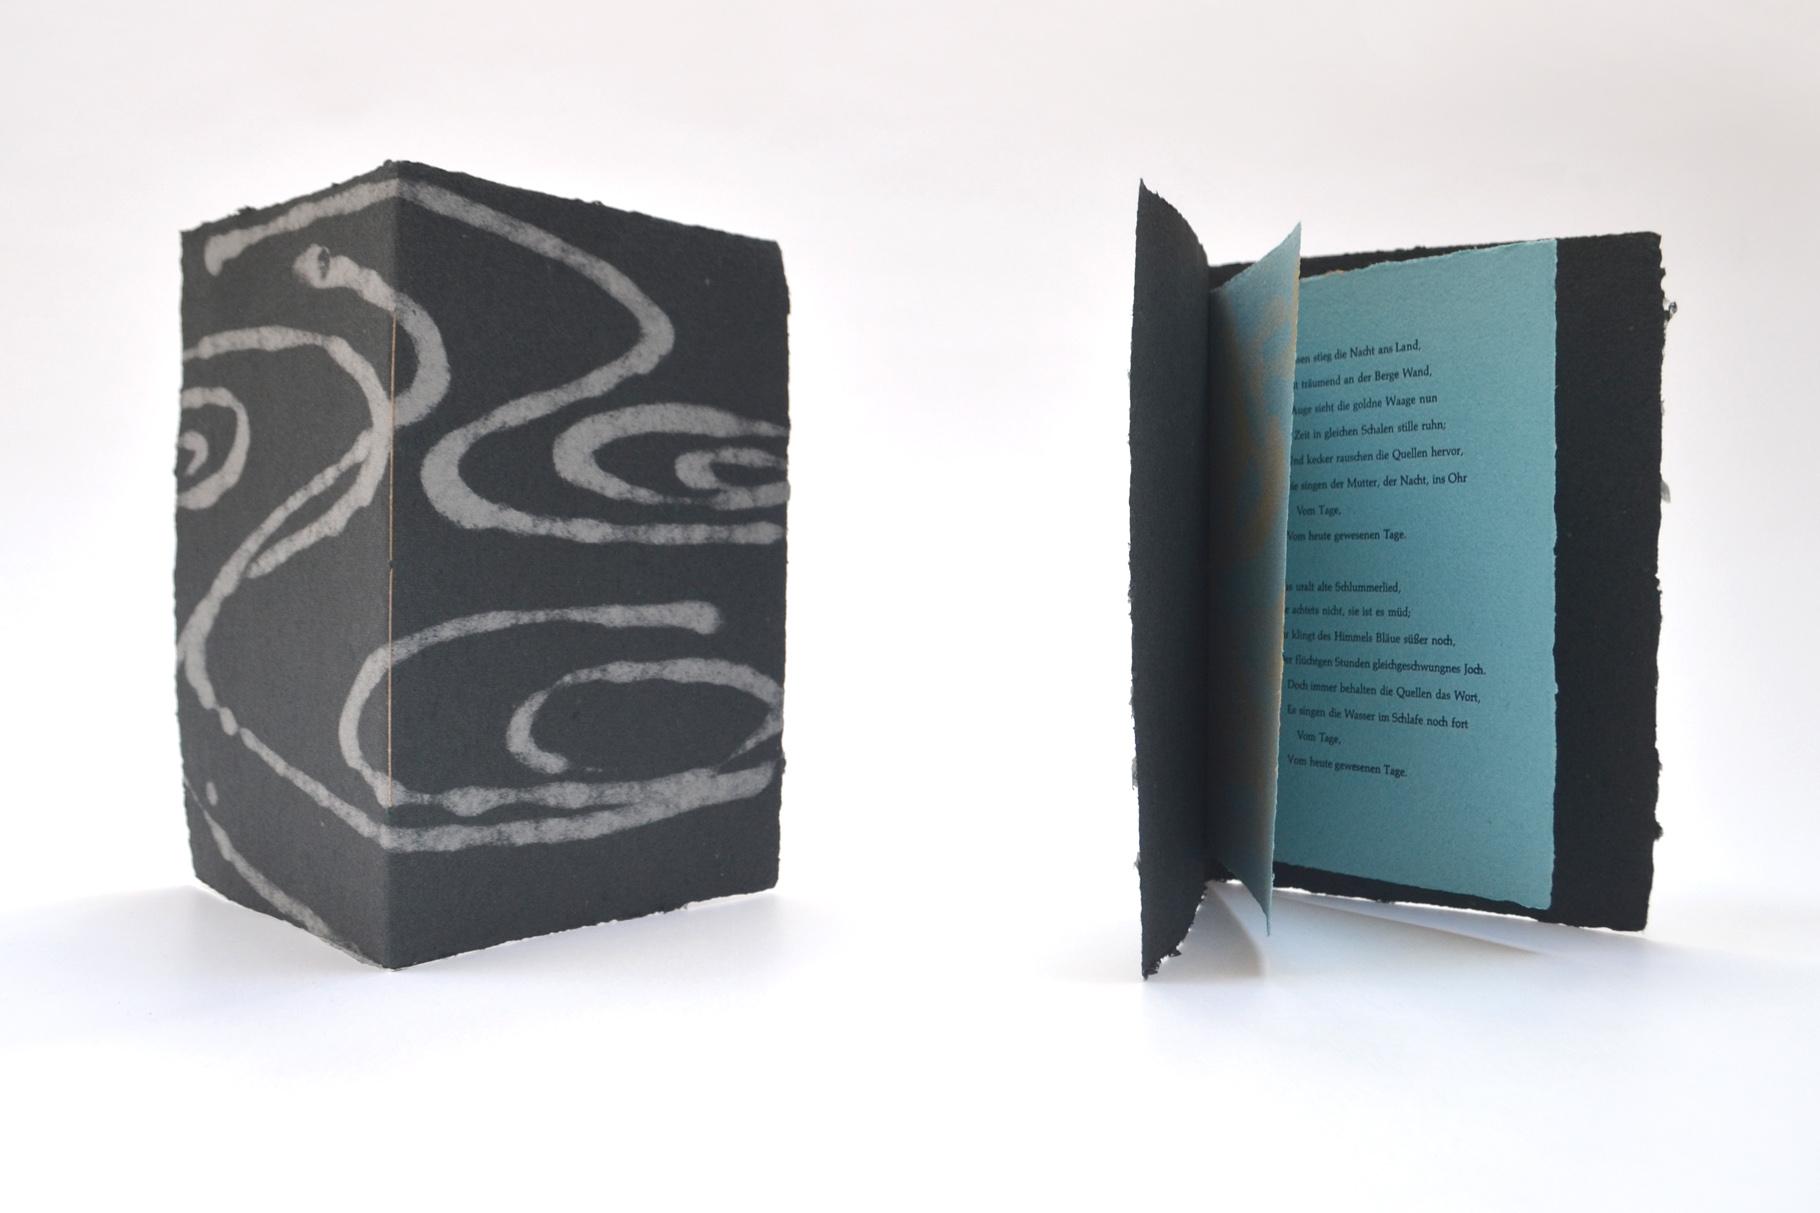 """""""Um Mitternacht"""" (2004) - Ein Heft, gestaltet von John Gerard mit einem Gedicht von Eduard Mörike"""